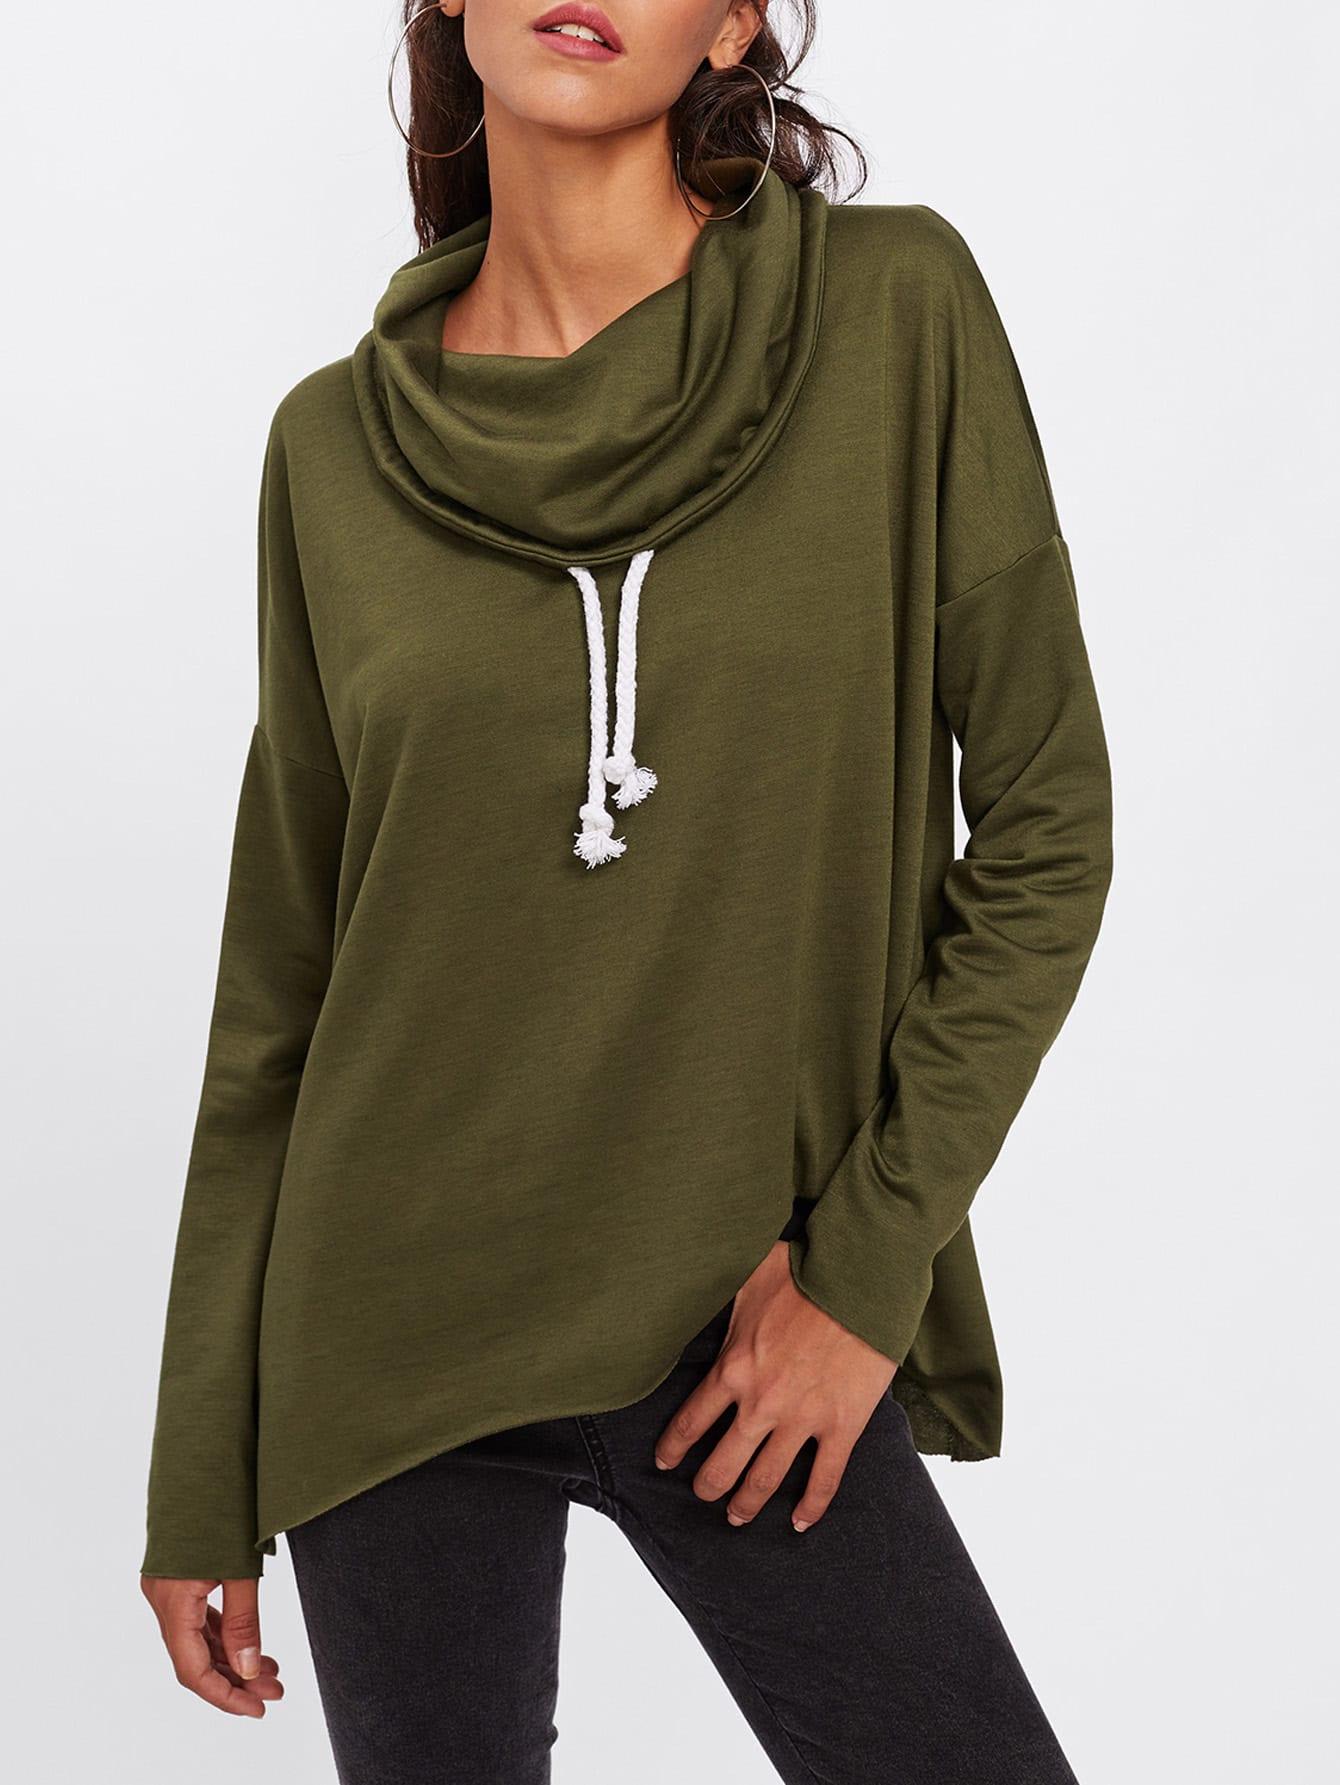 Sweatshirt mit sehr tief angesetzter Schulterpartie und Trichterhals